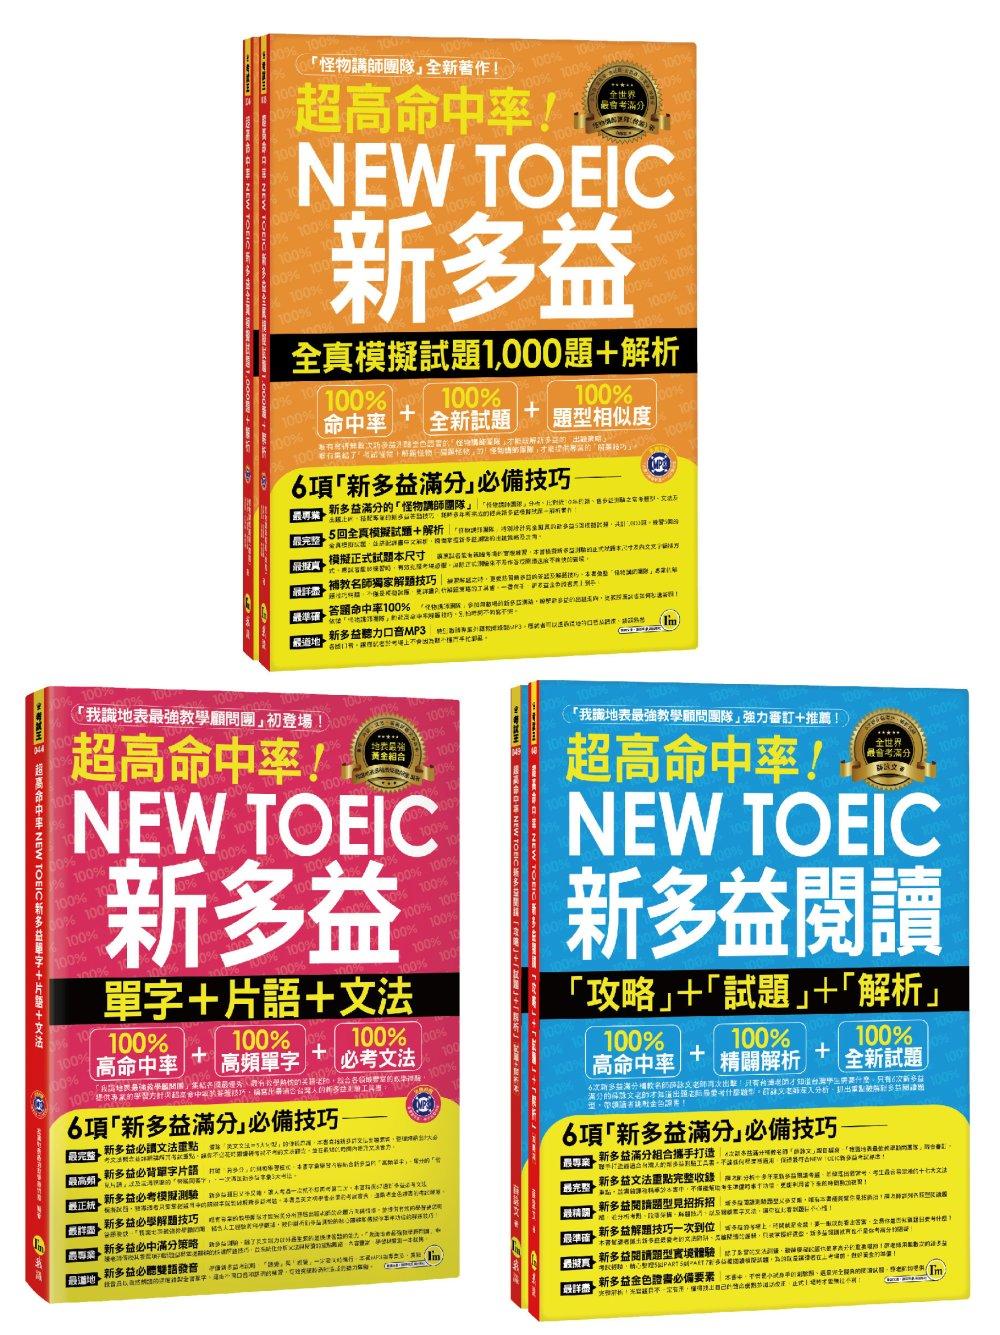 超高命中率NEW TOEIC新多益【單字+片語+文法/閱讀攻略+試題+解析/全真模擬試題1,000題+解析】【博客來獨家套書】